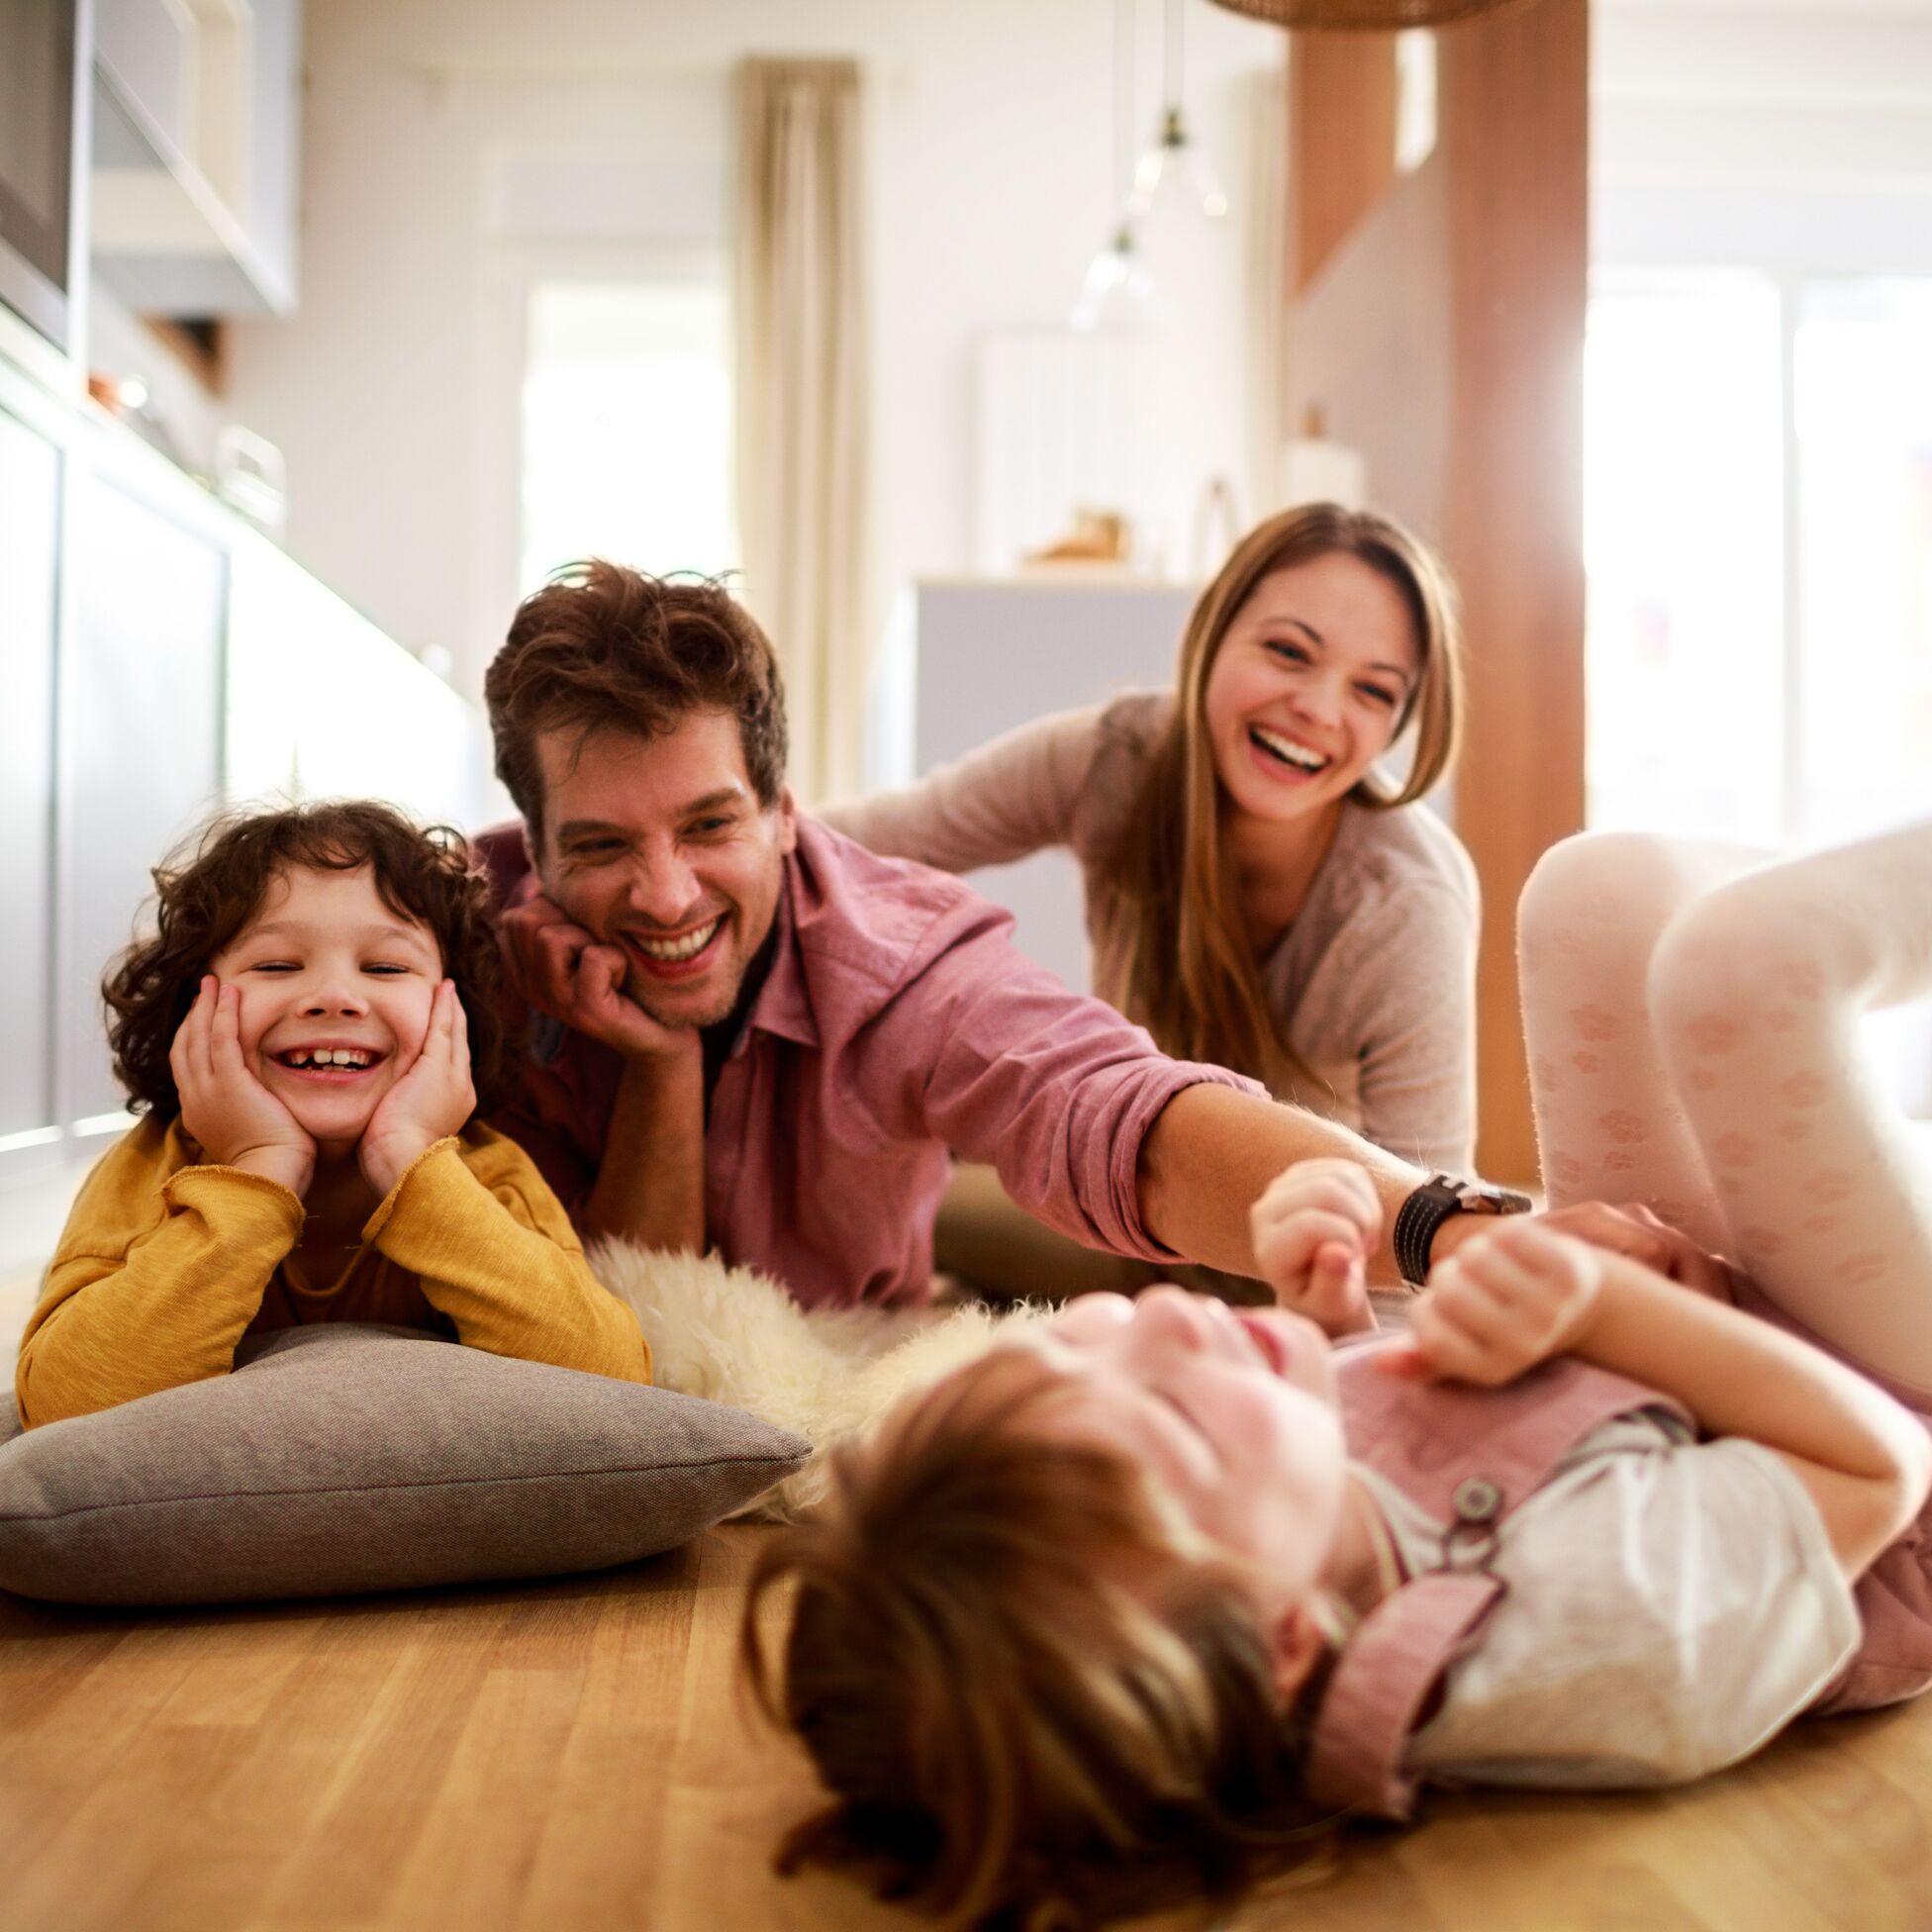 Junge Familie spielend und lachend auf dem Boden ihrer Wohnung